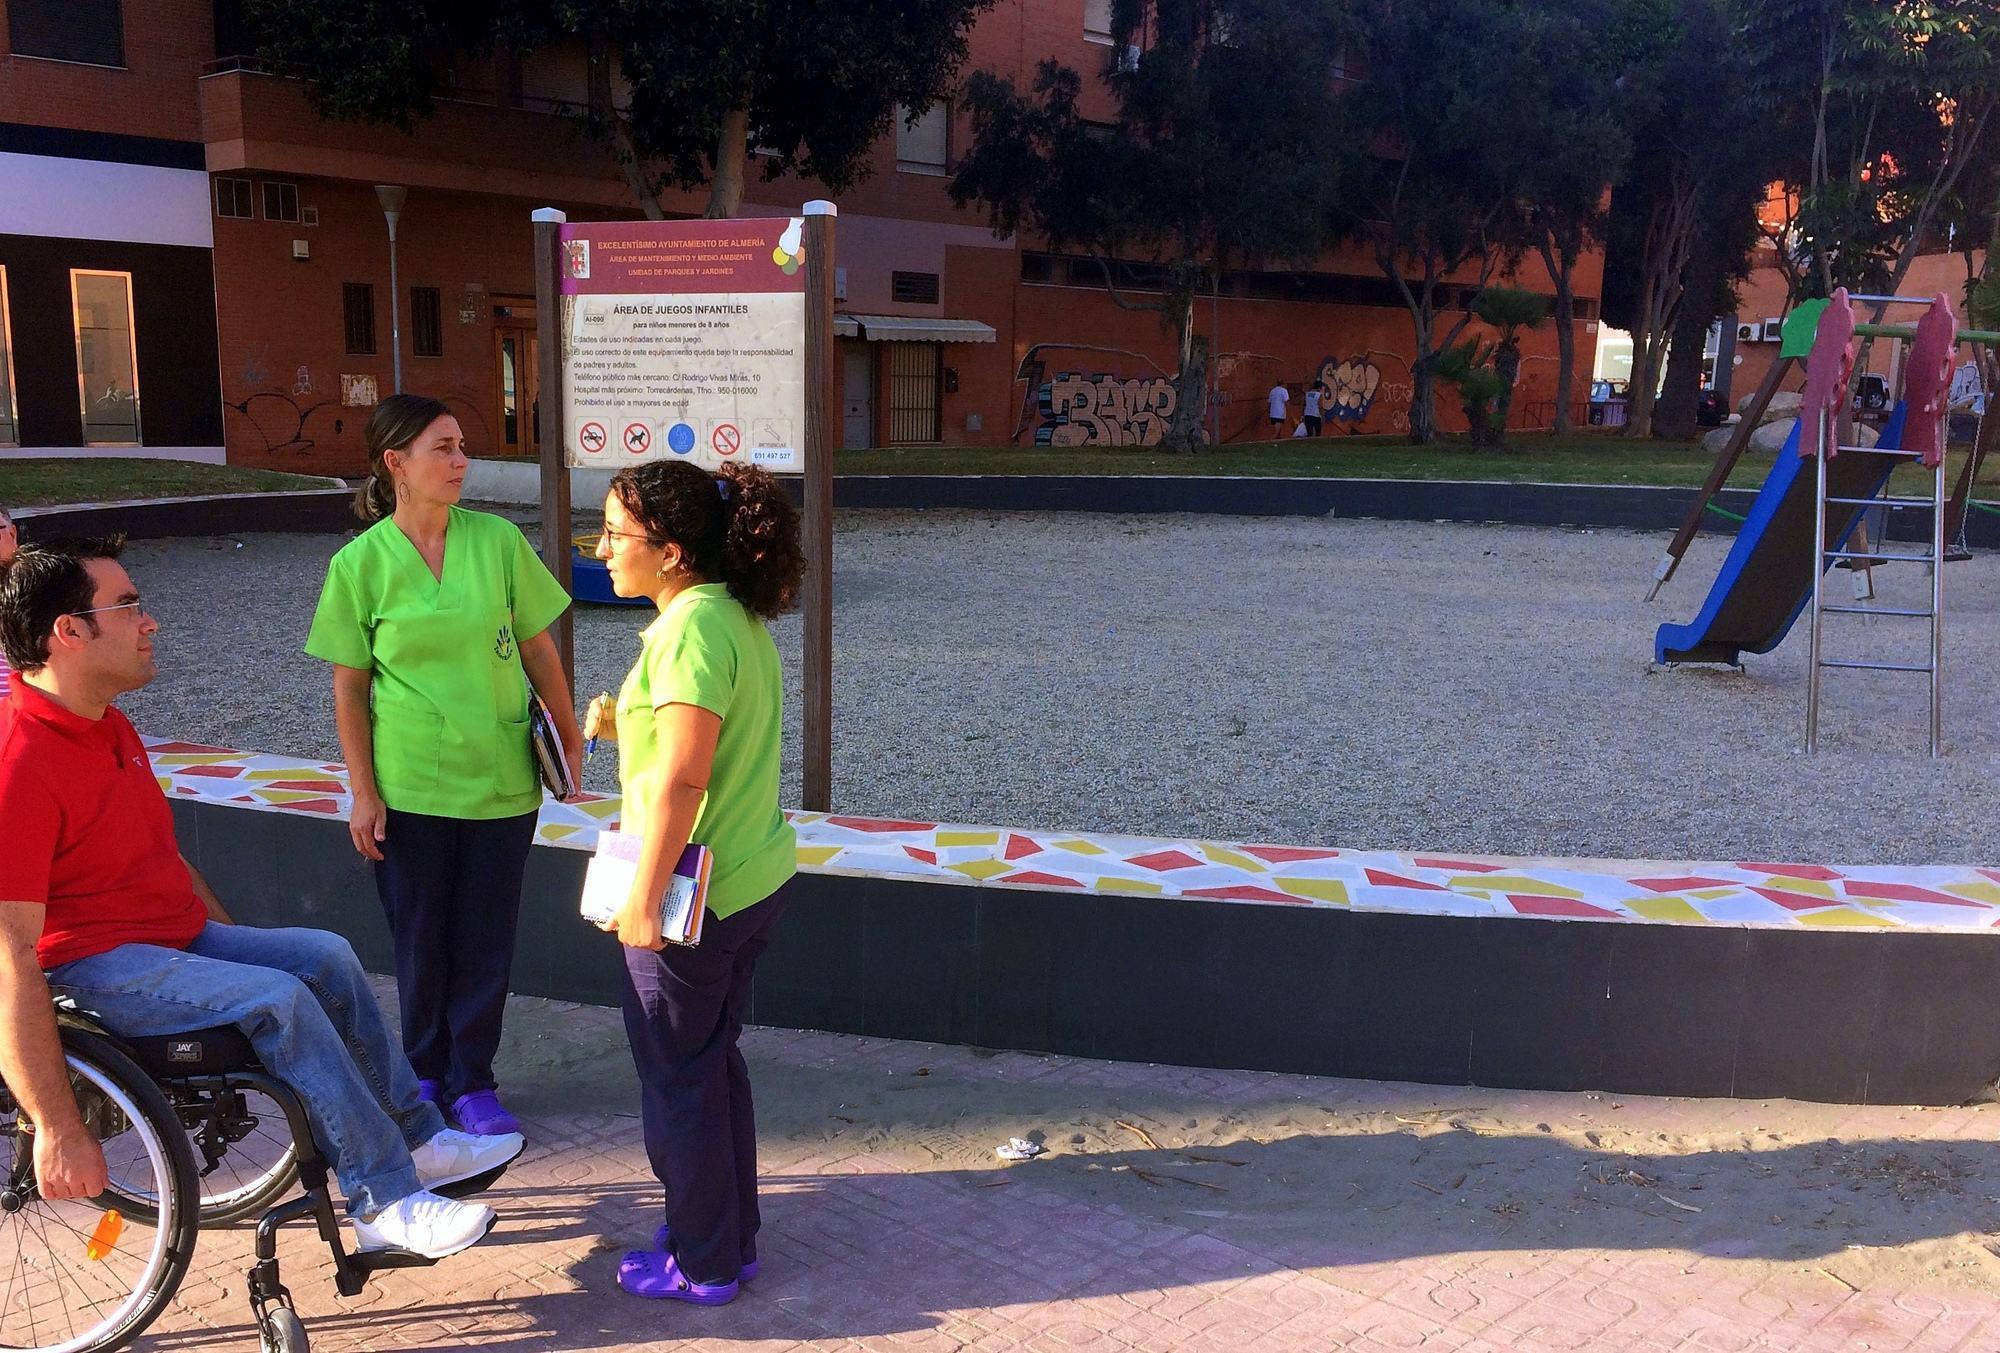 Psoe Pide Al Alcalde Que Dote Los Parques Infantiles De Juegos